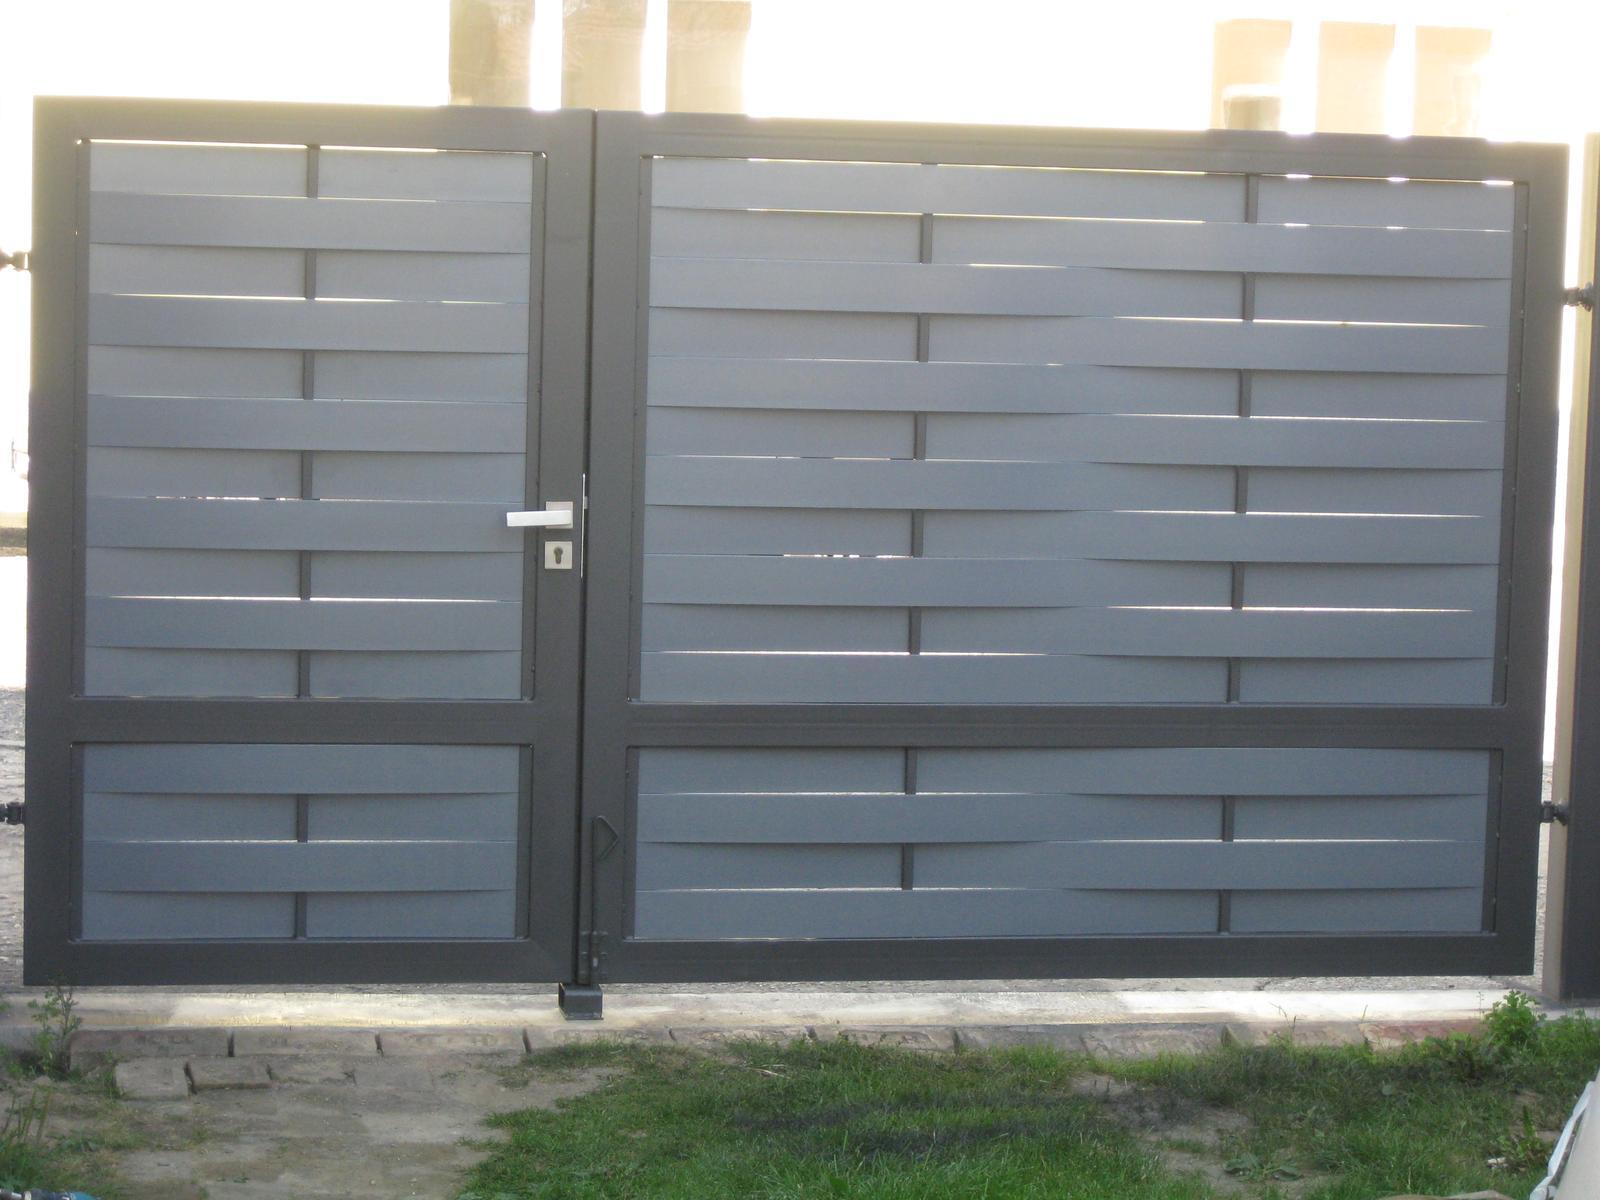 Brána - Obrázek č. 1